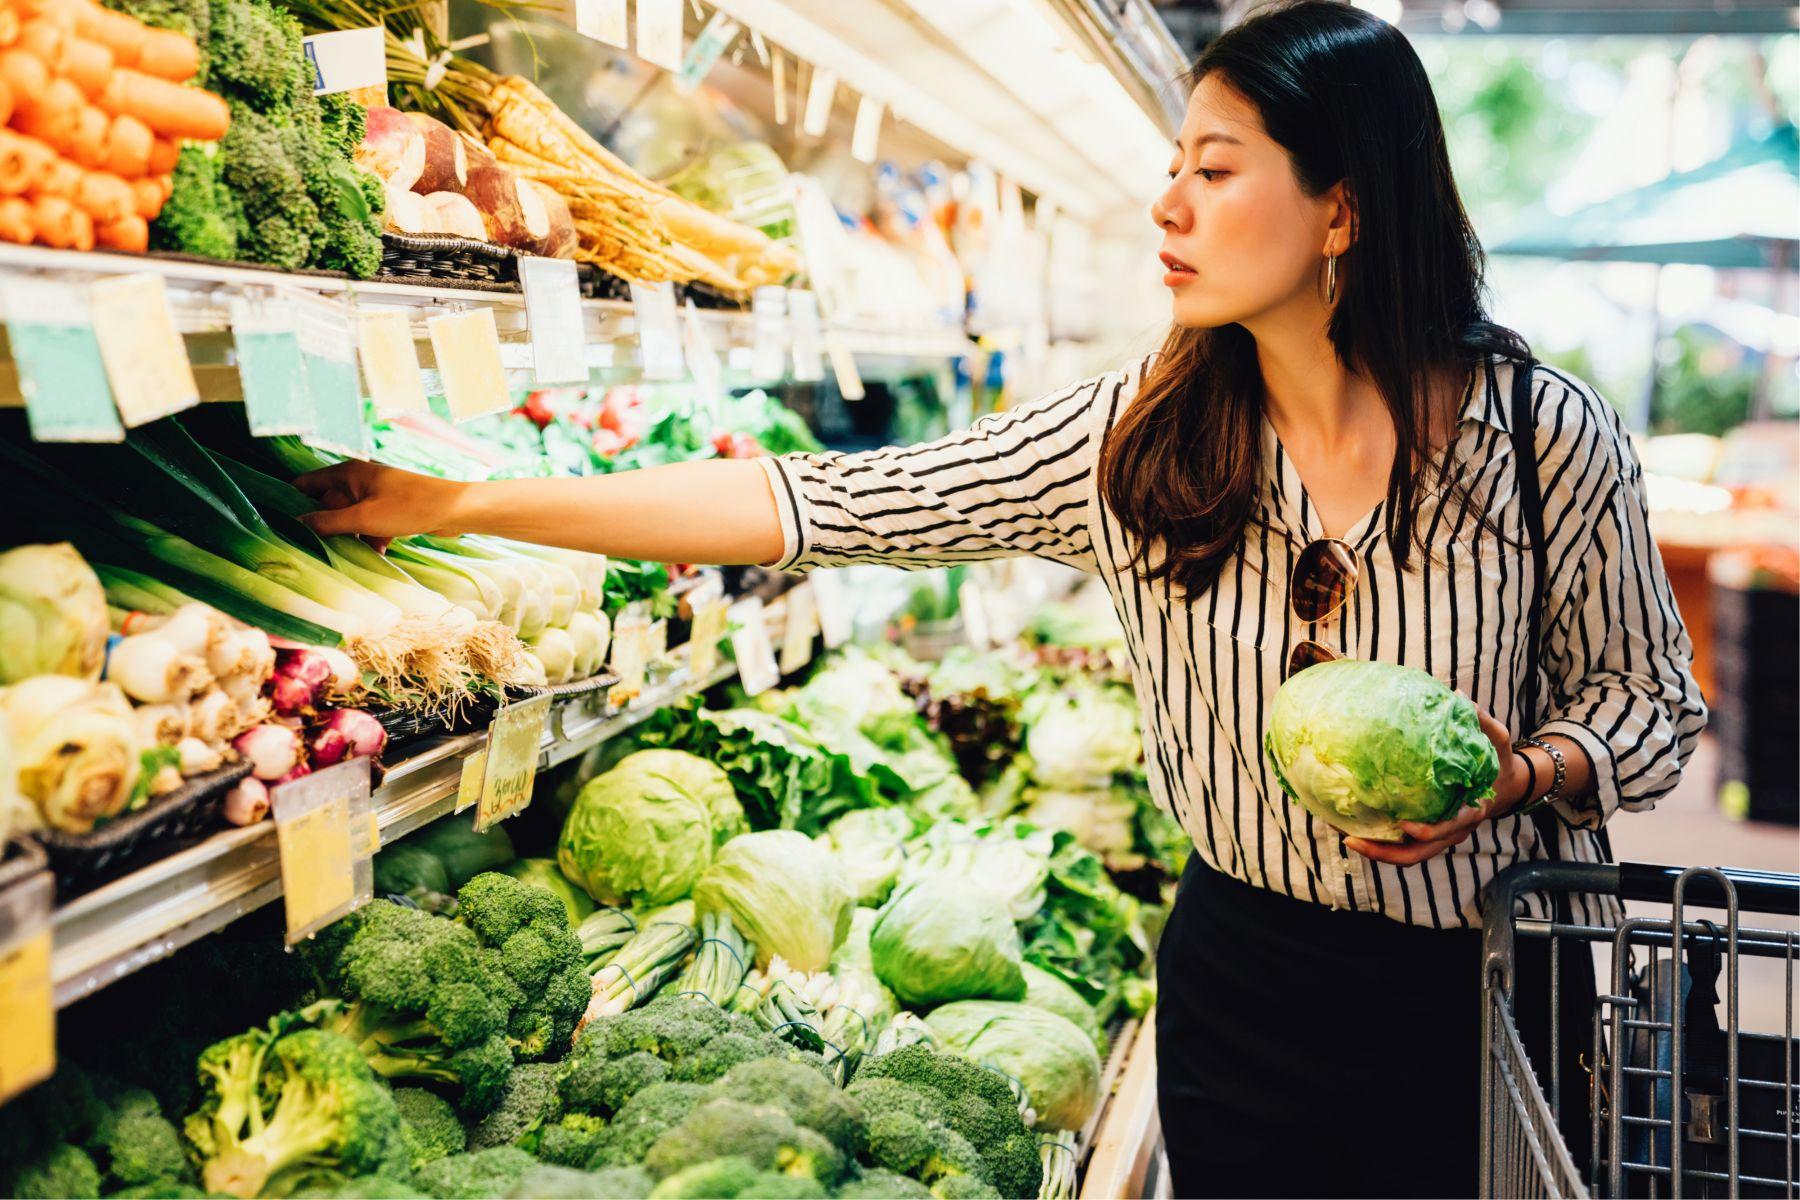 颱風來襲菜價飆漲,這樣買菜省荷包!營養師教你選對這3樣,膳食纖維比葉菜類還多